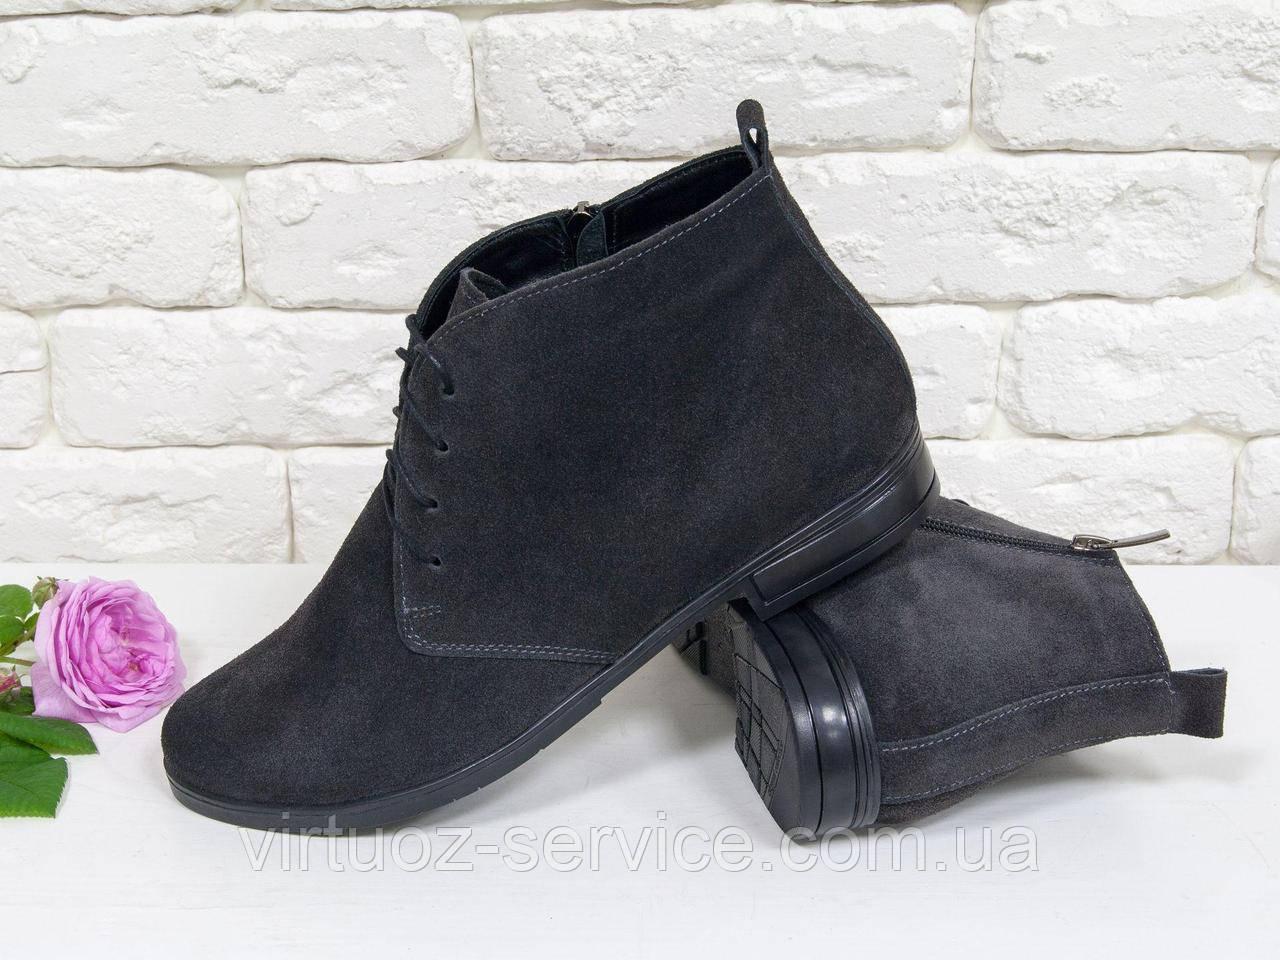 Ботинки женские Gino Figini Б-152-13 из натуральной замши 37 Темно-серый